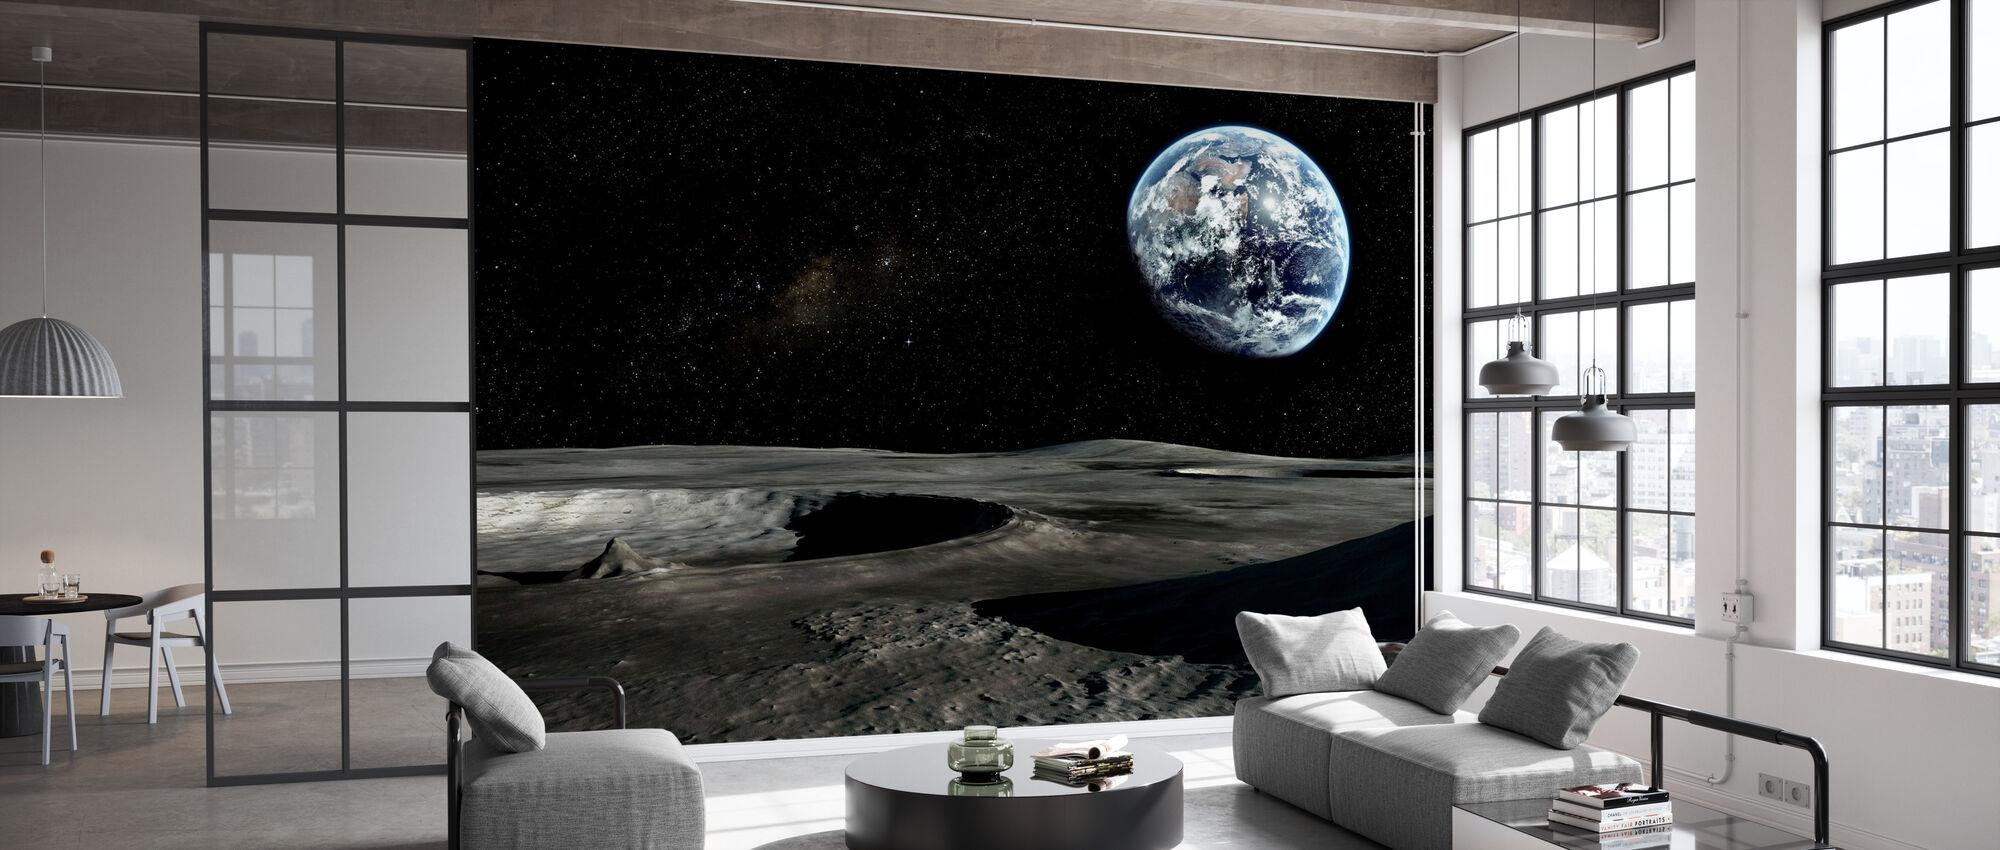 Nieuw perspectief - Behang - Kantoor